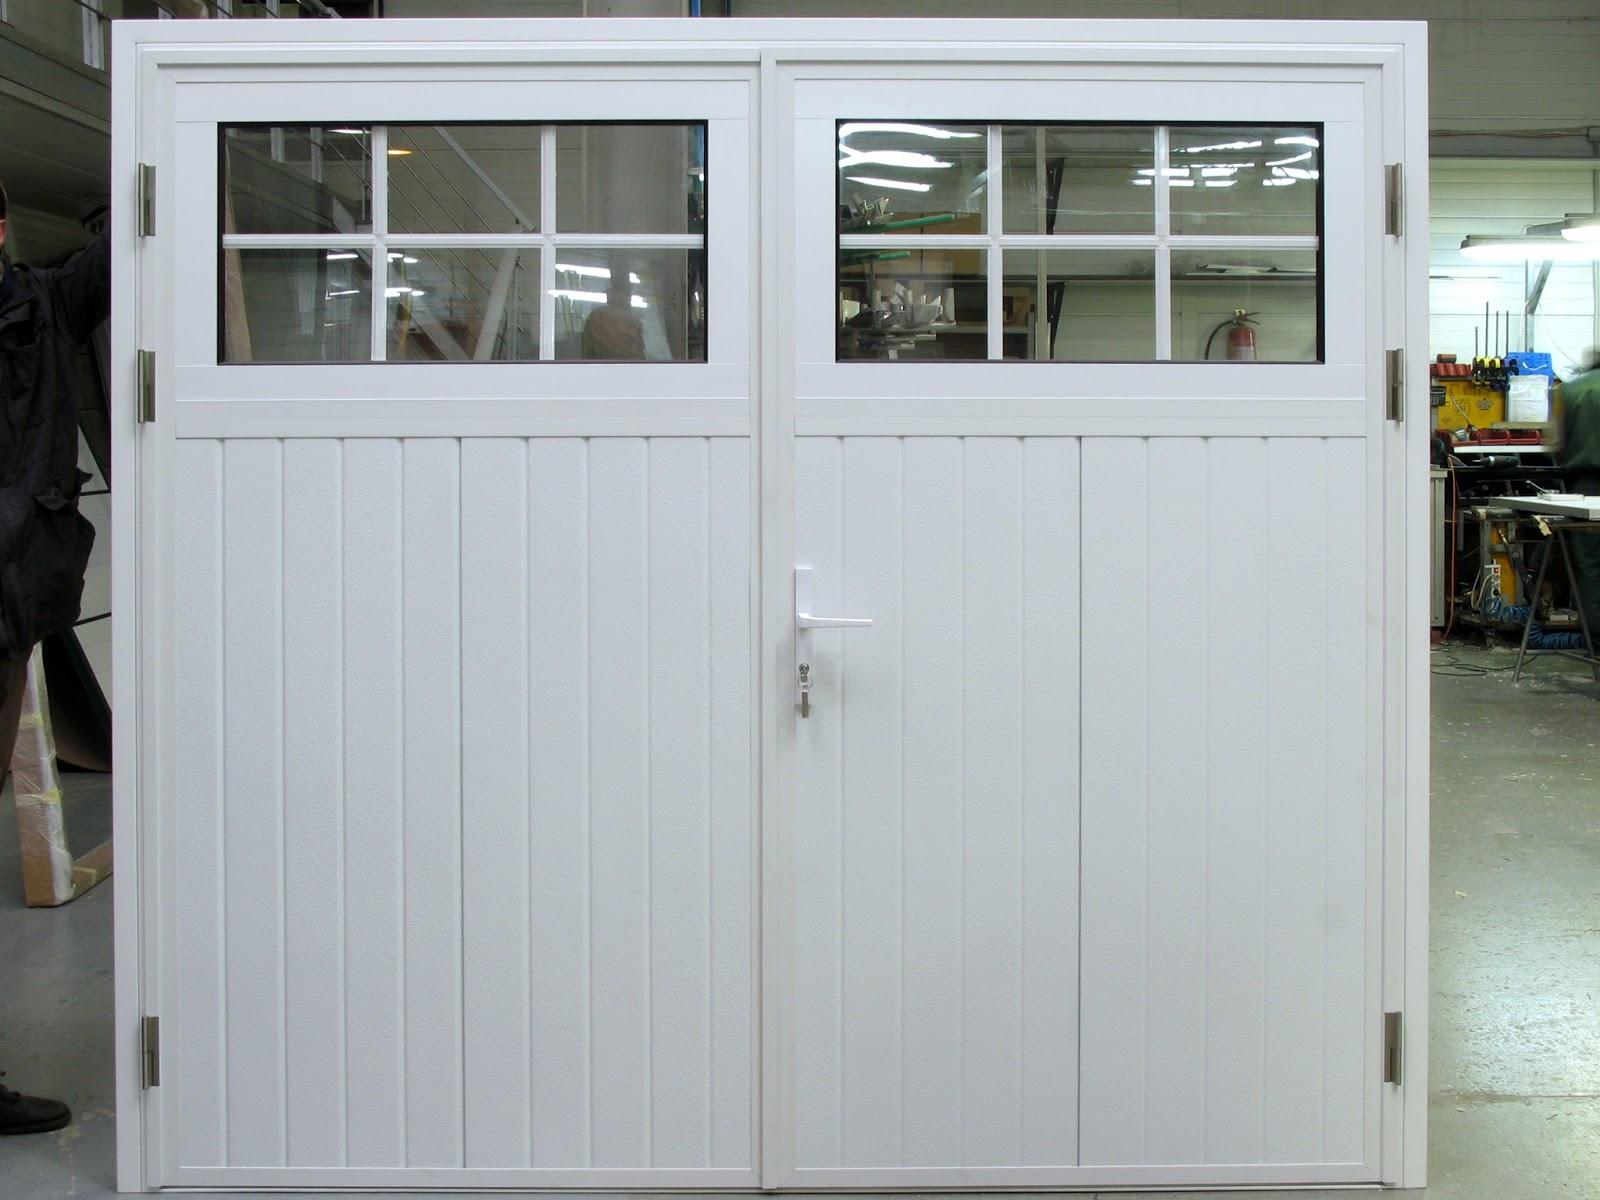 10 x 9 garage door9 X 9 Garage Door  btcainfo Examples Doors Designs Ideas